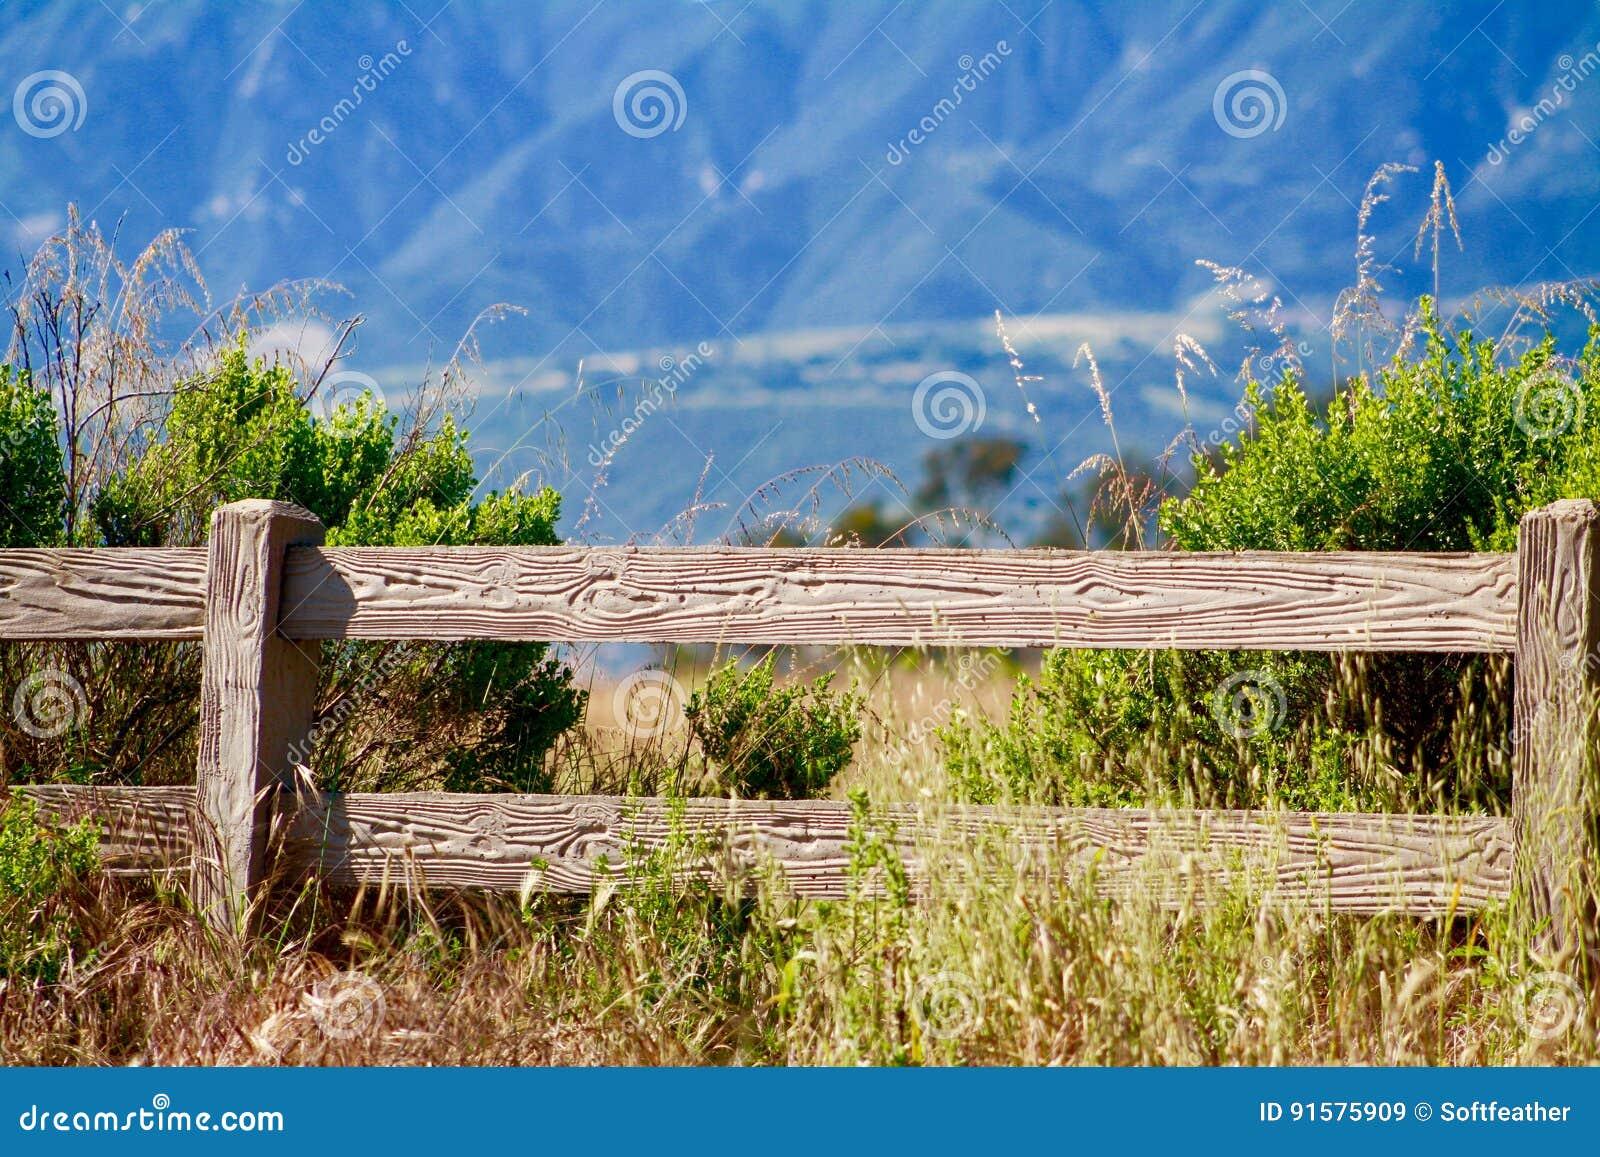 在圣塔内斯山当地草丛林前面的木篱芭